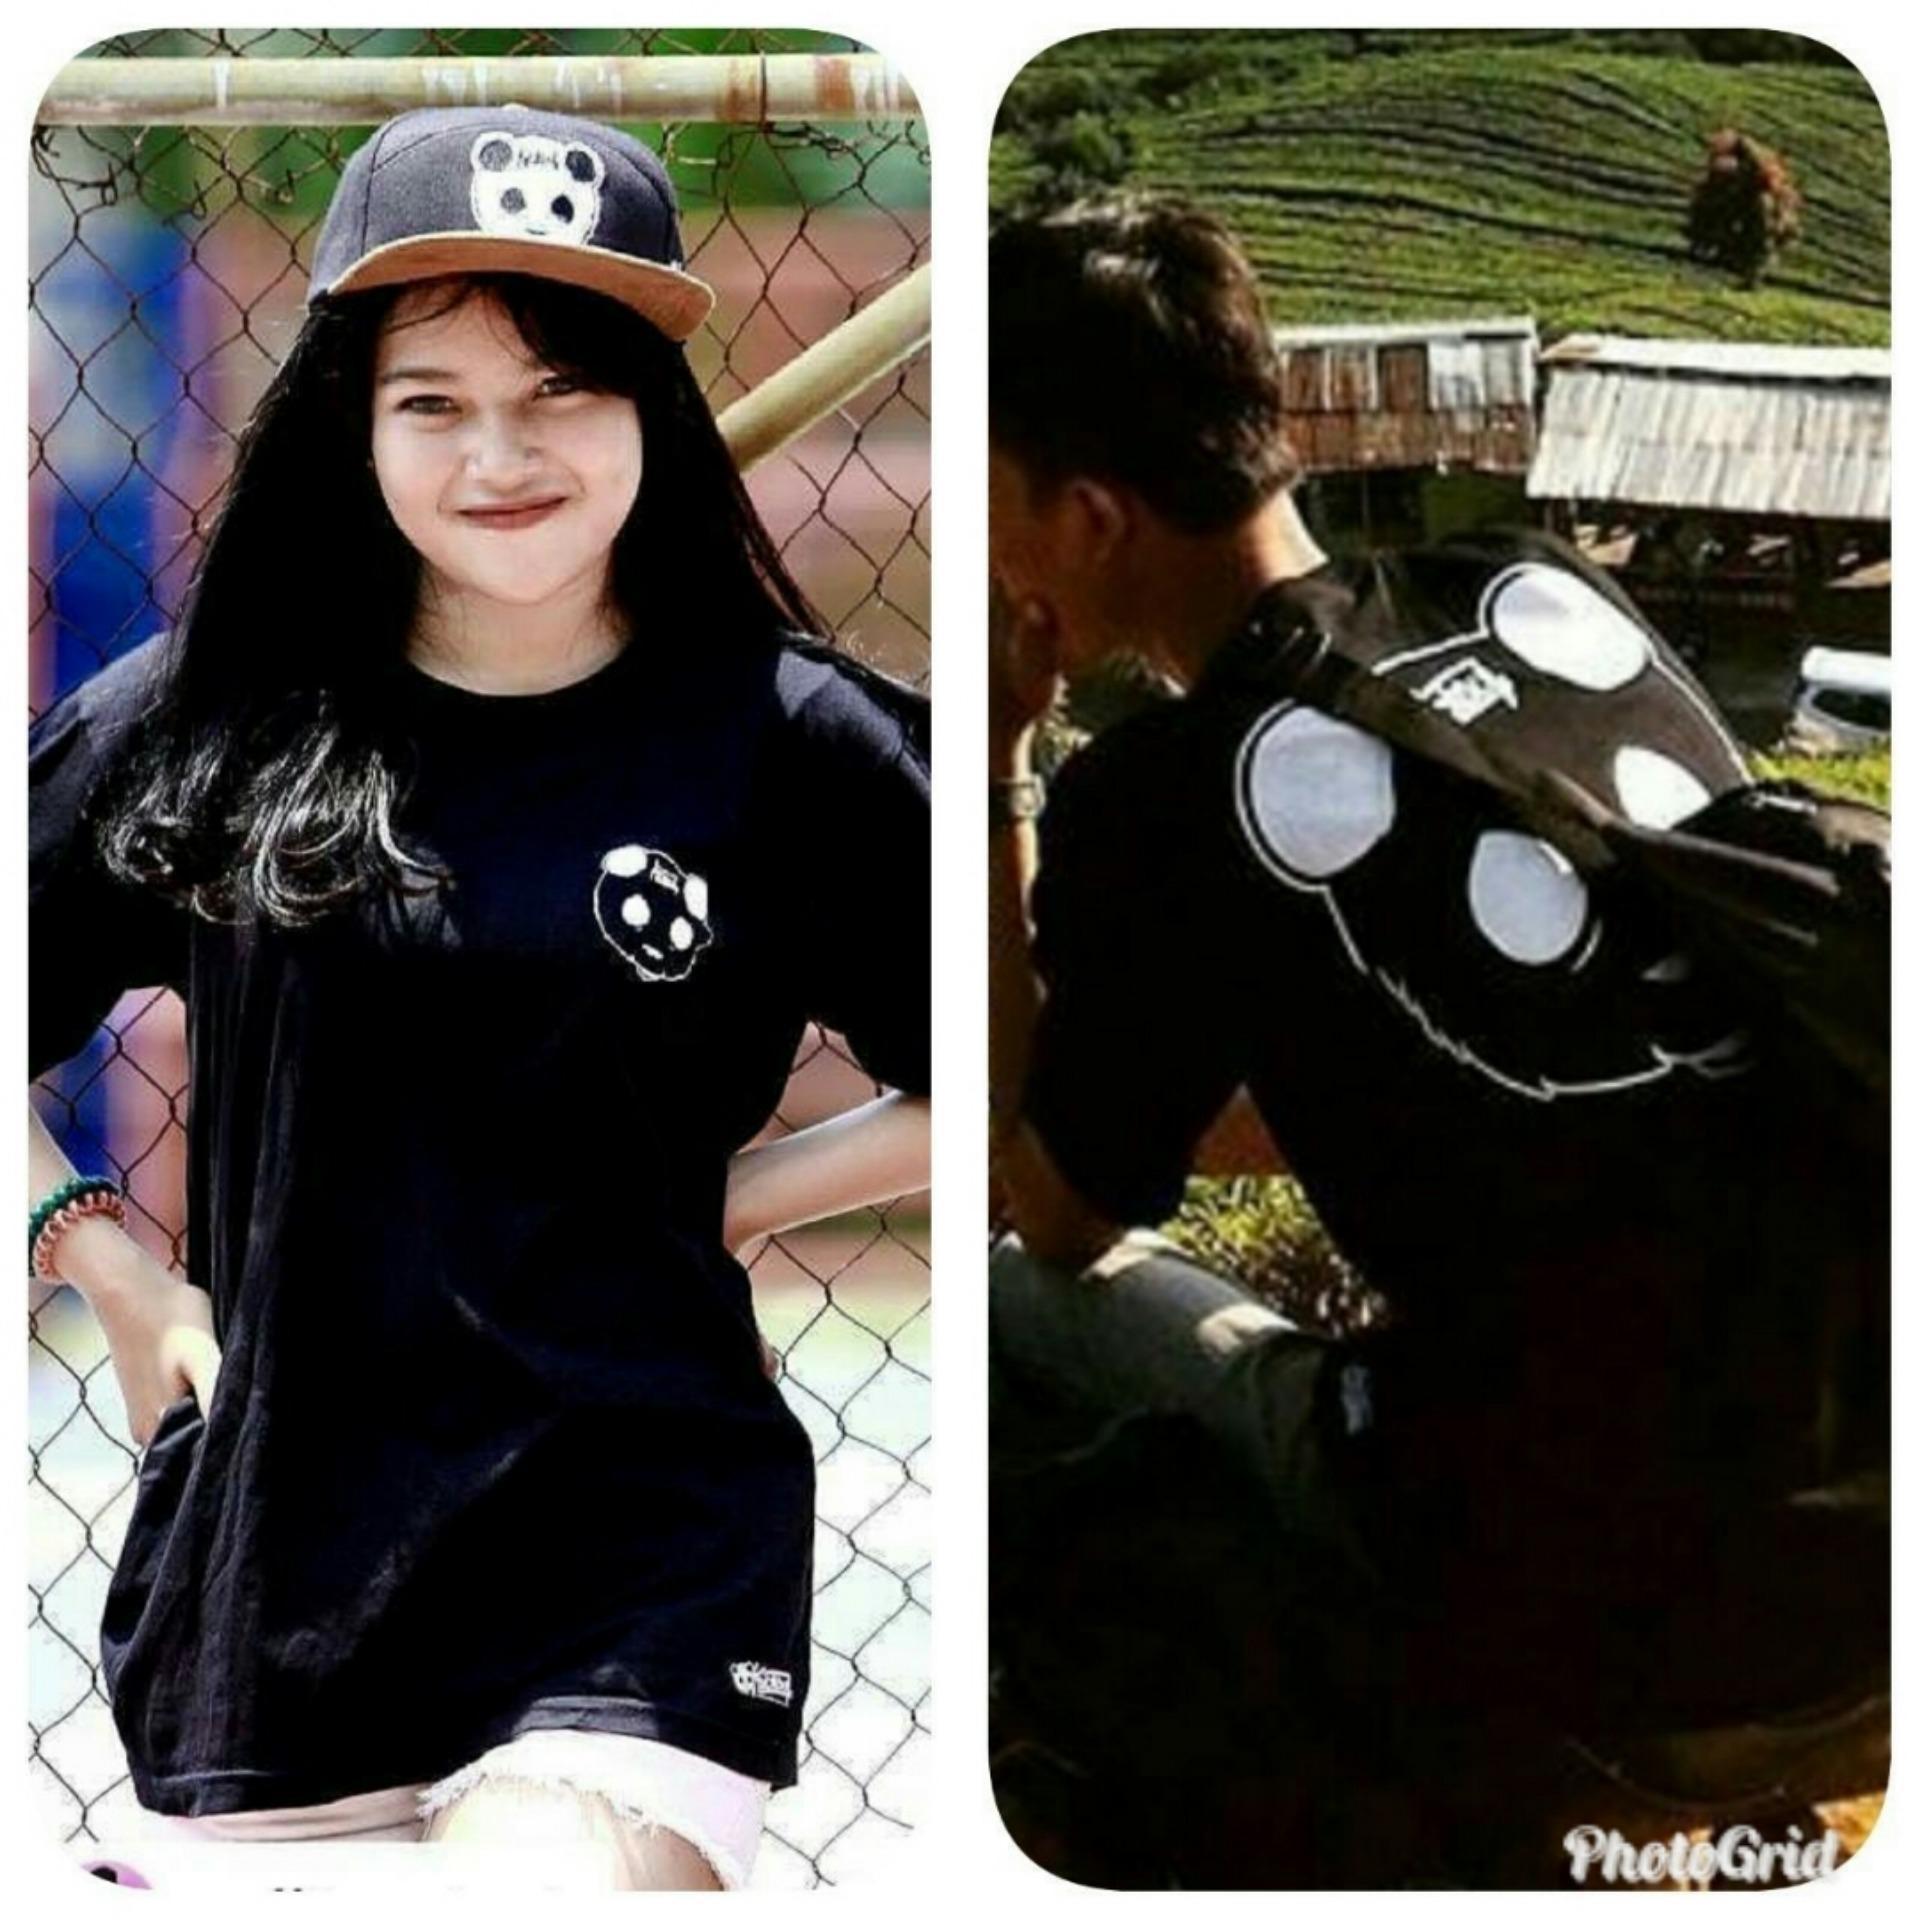 NWF Tumblr Tee T-Shirt BTS T-shirt Wanita Kaos Cewek Tumblr Tee Cewek